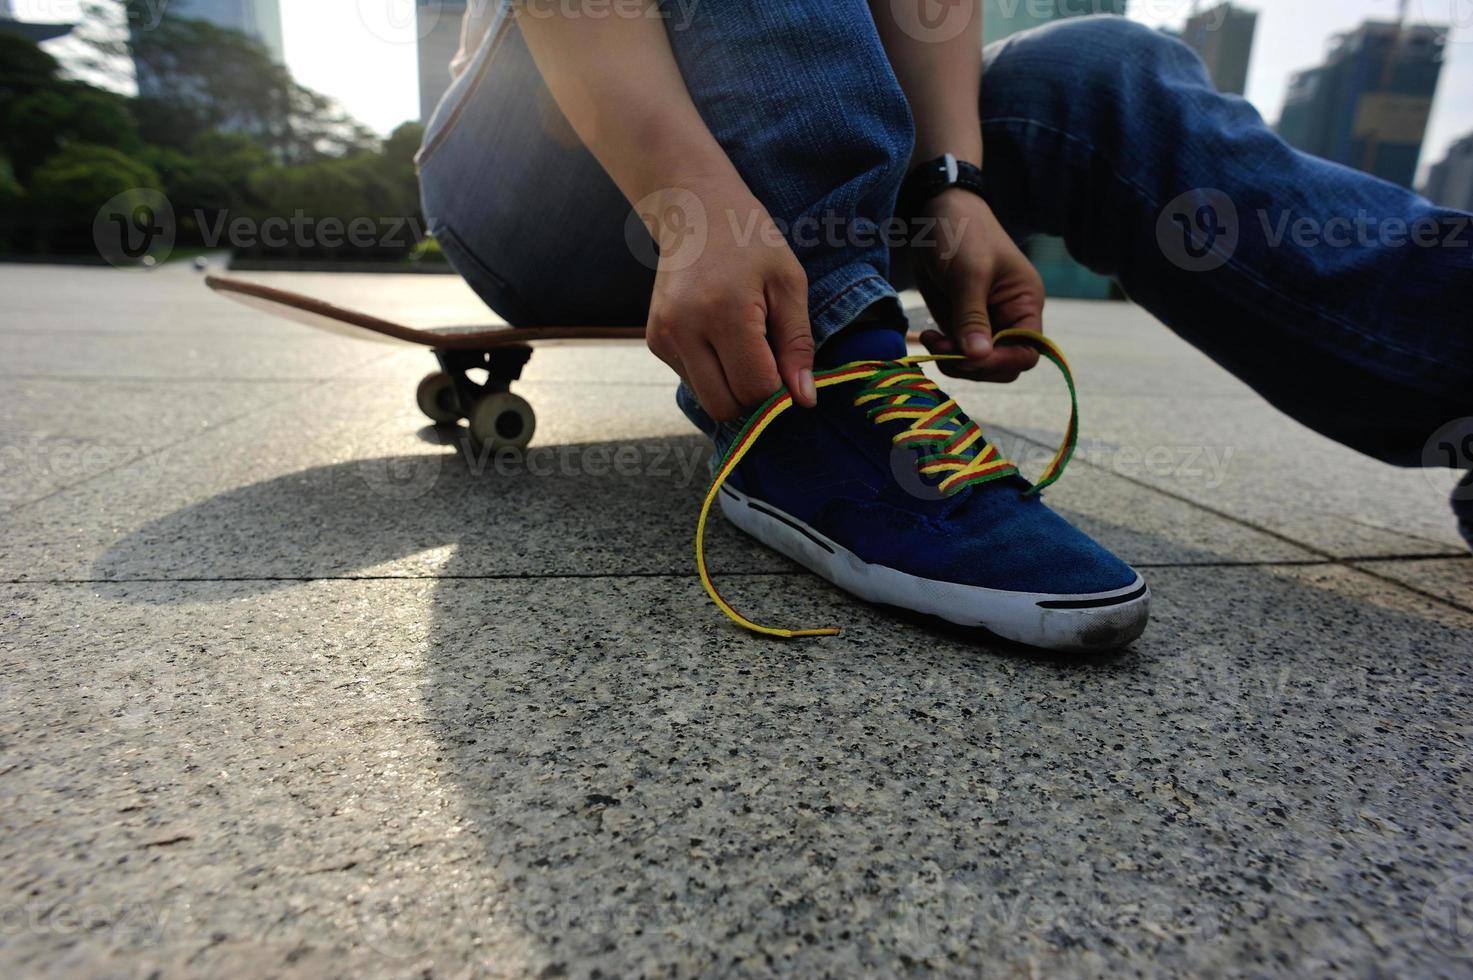 skateboarder attacher lacet au skate park photo